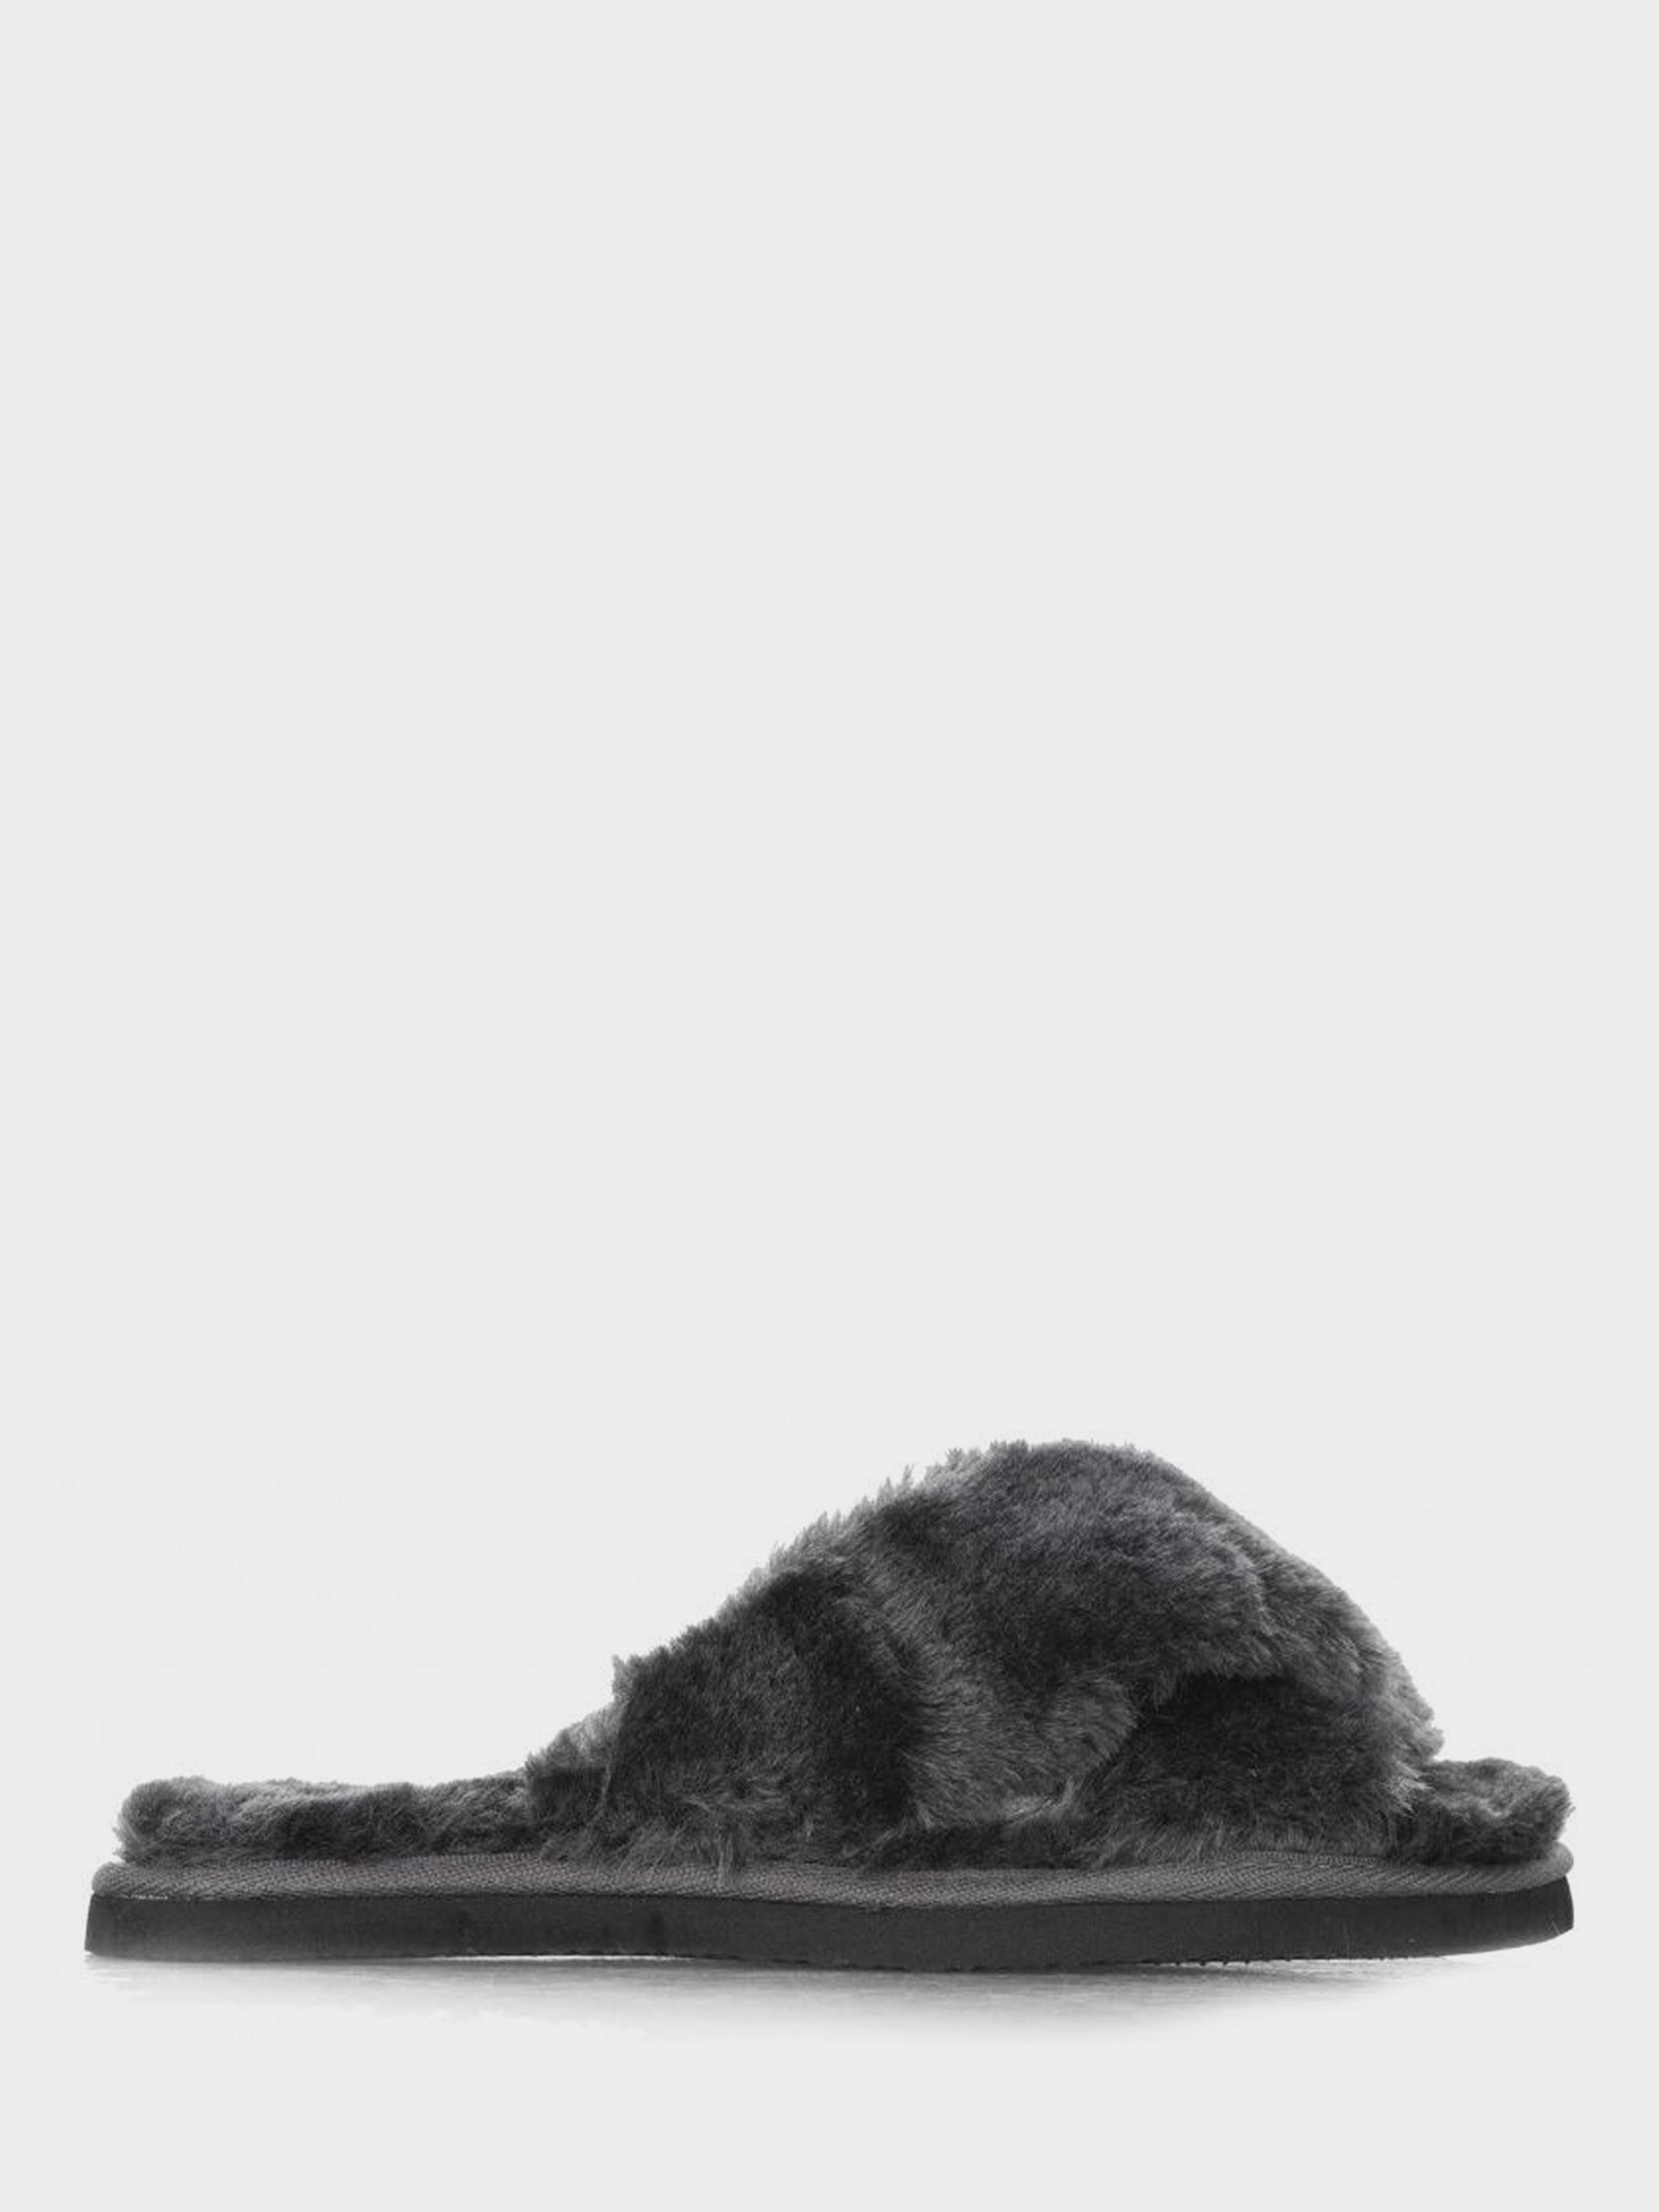 Тапки женские Inblu QR83 цена обуви, 2017